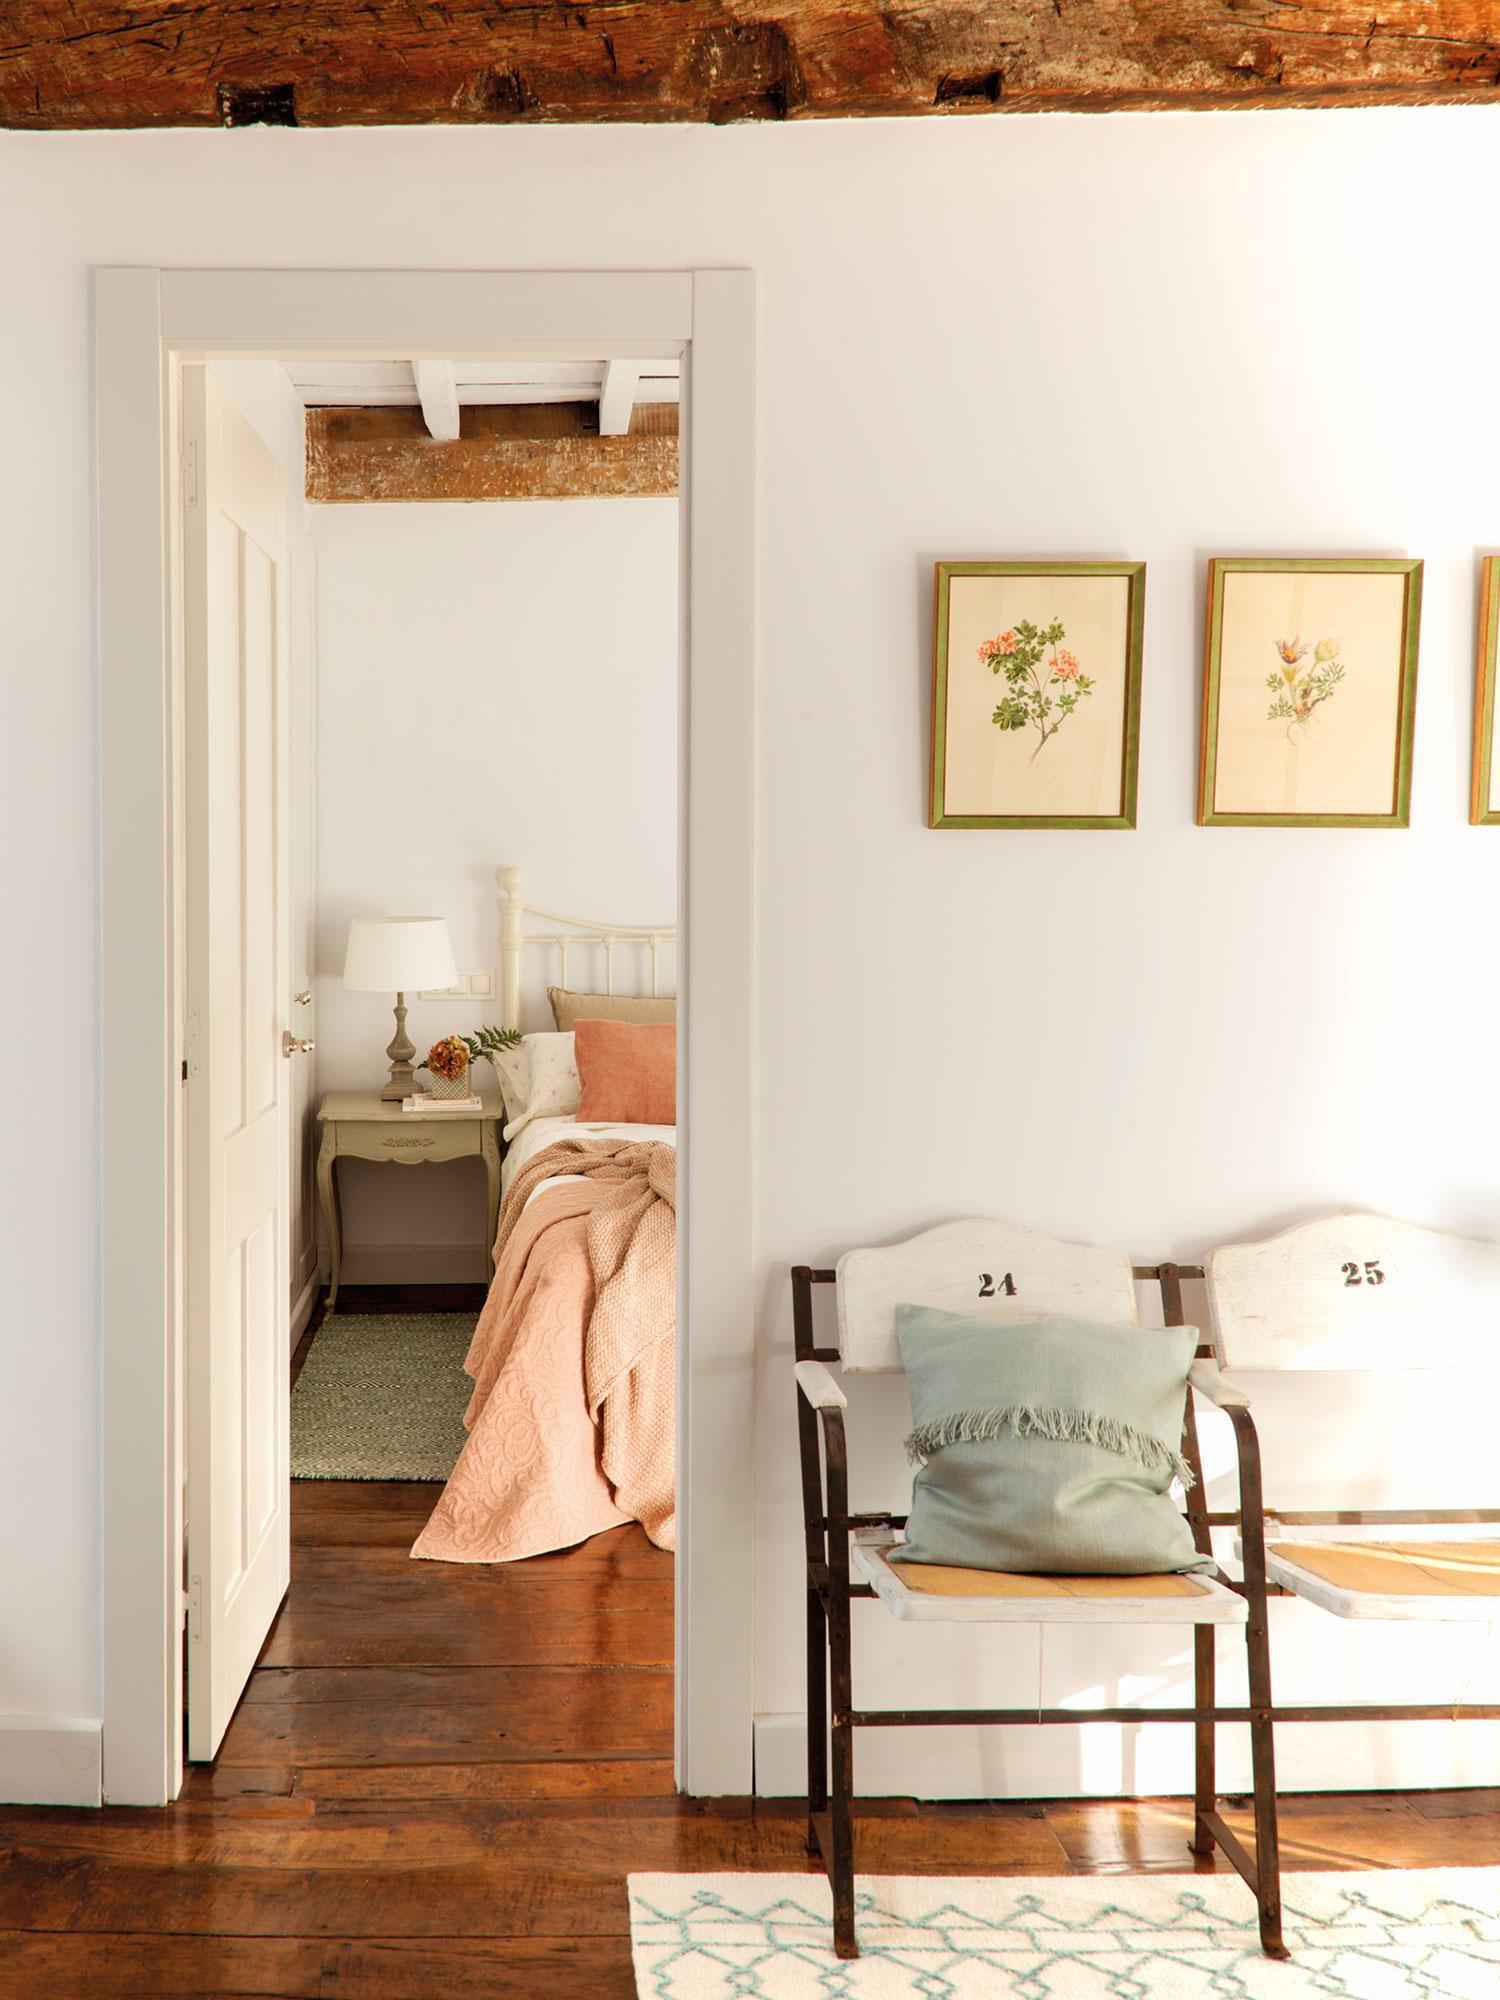 Decorar con flores 12 ideas para vestir tu casa de primavera Cuadros modernos decoracion para tu dormitorio living